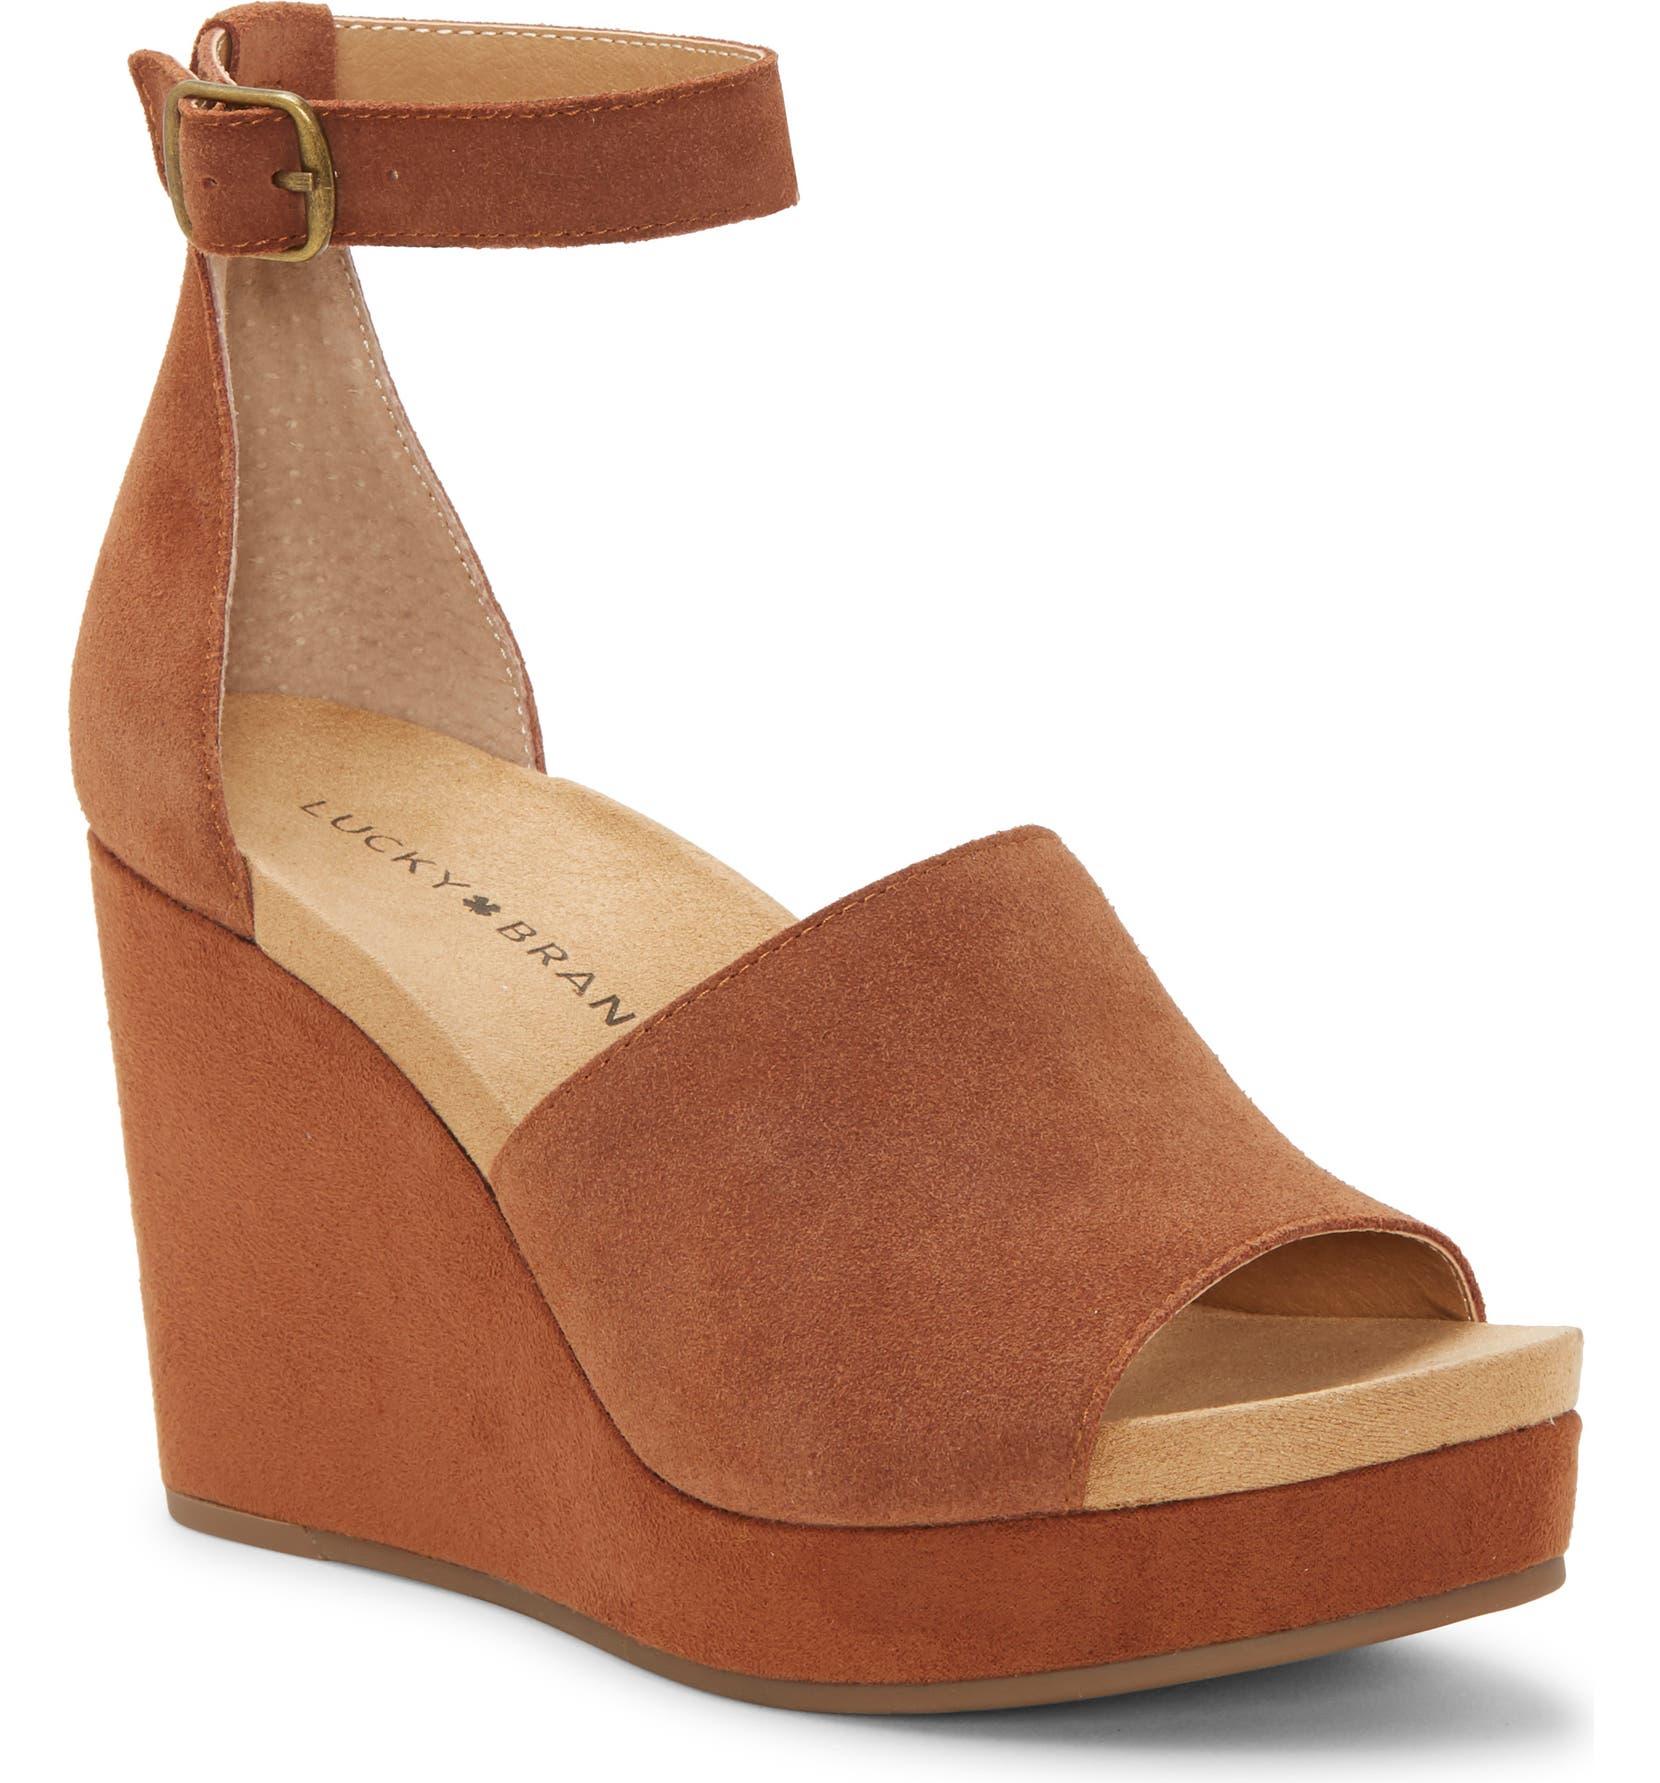 Yemisa Wedge Ankle Strap Sandal